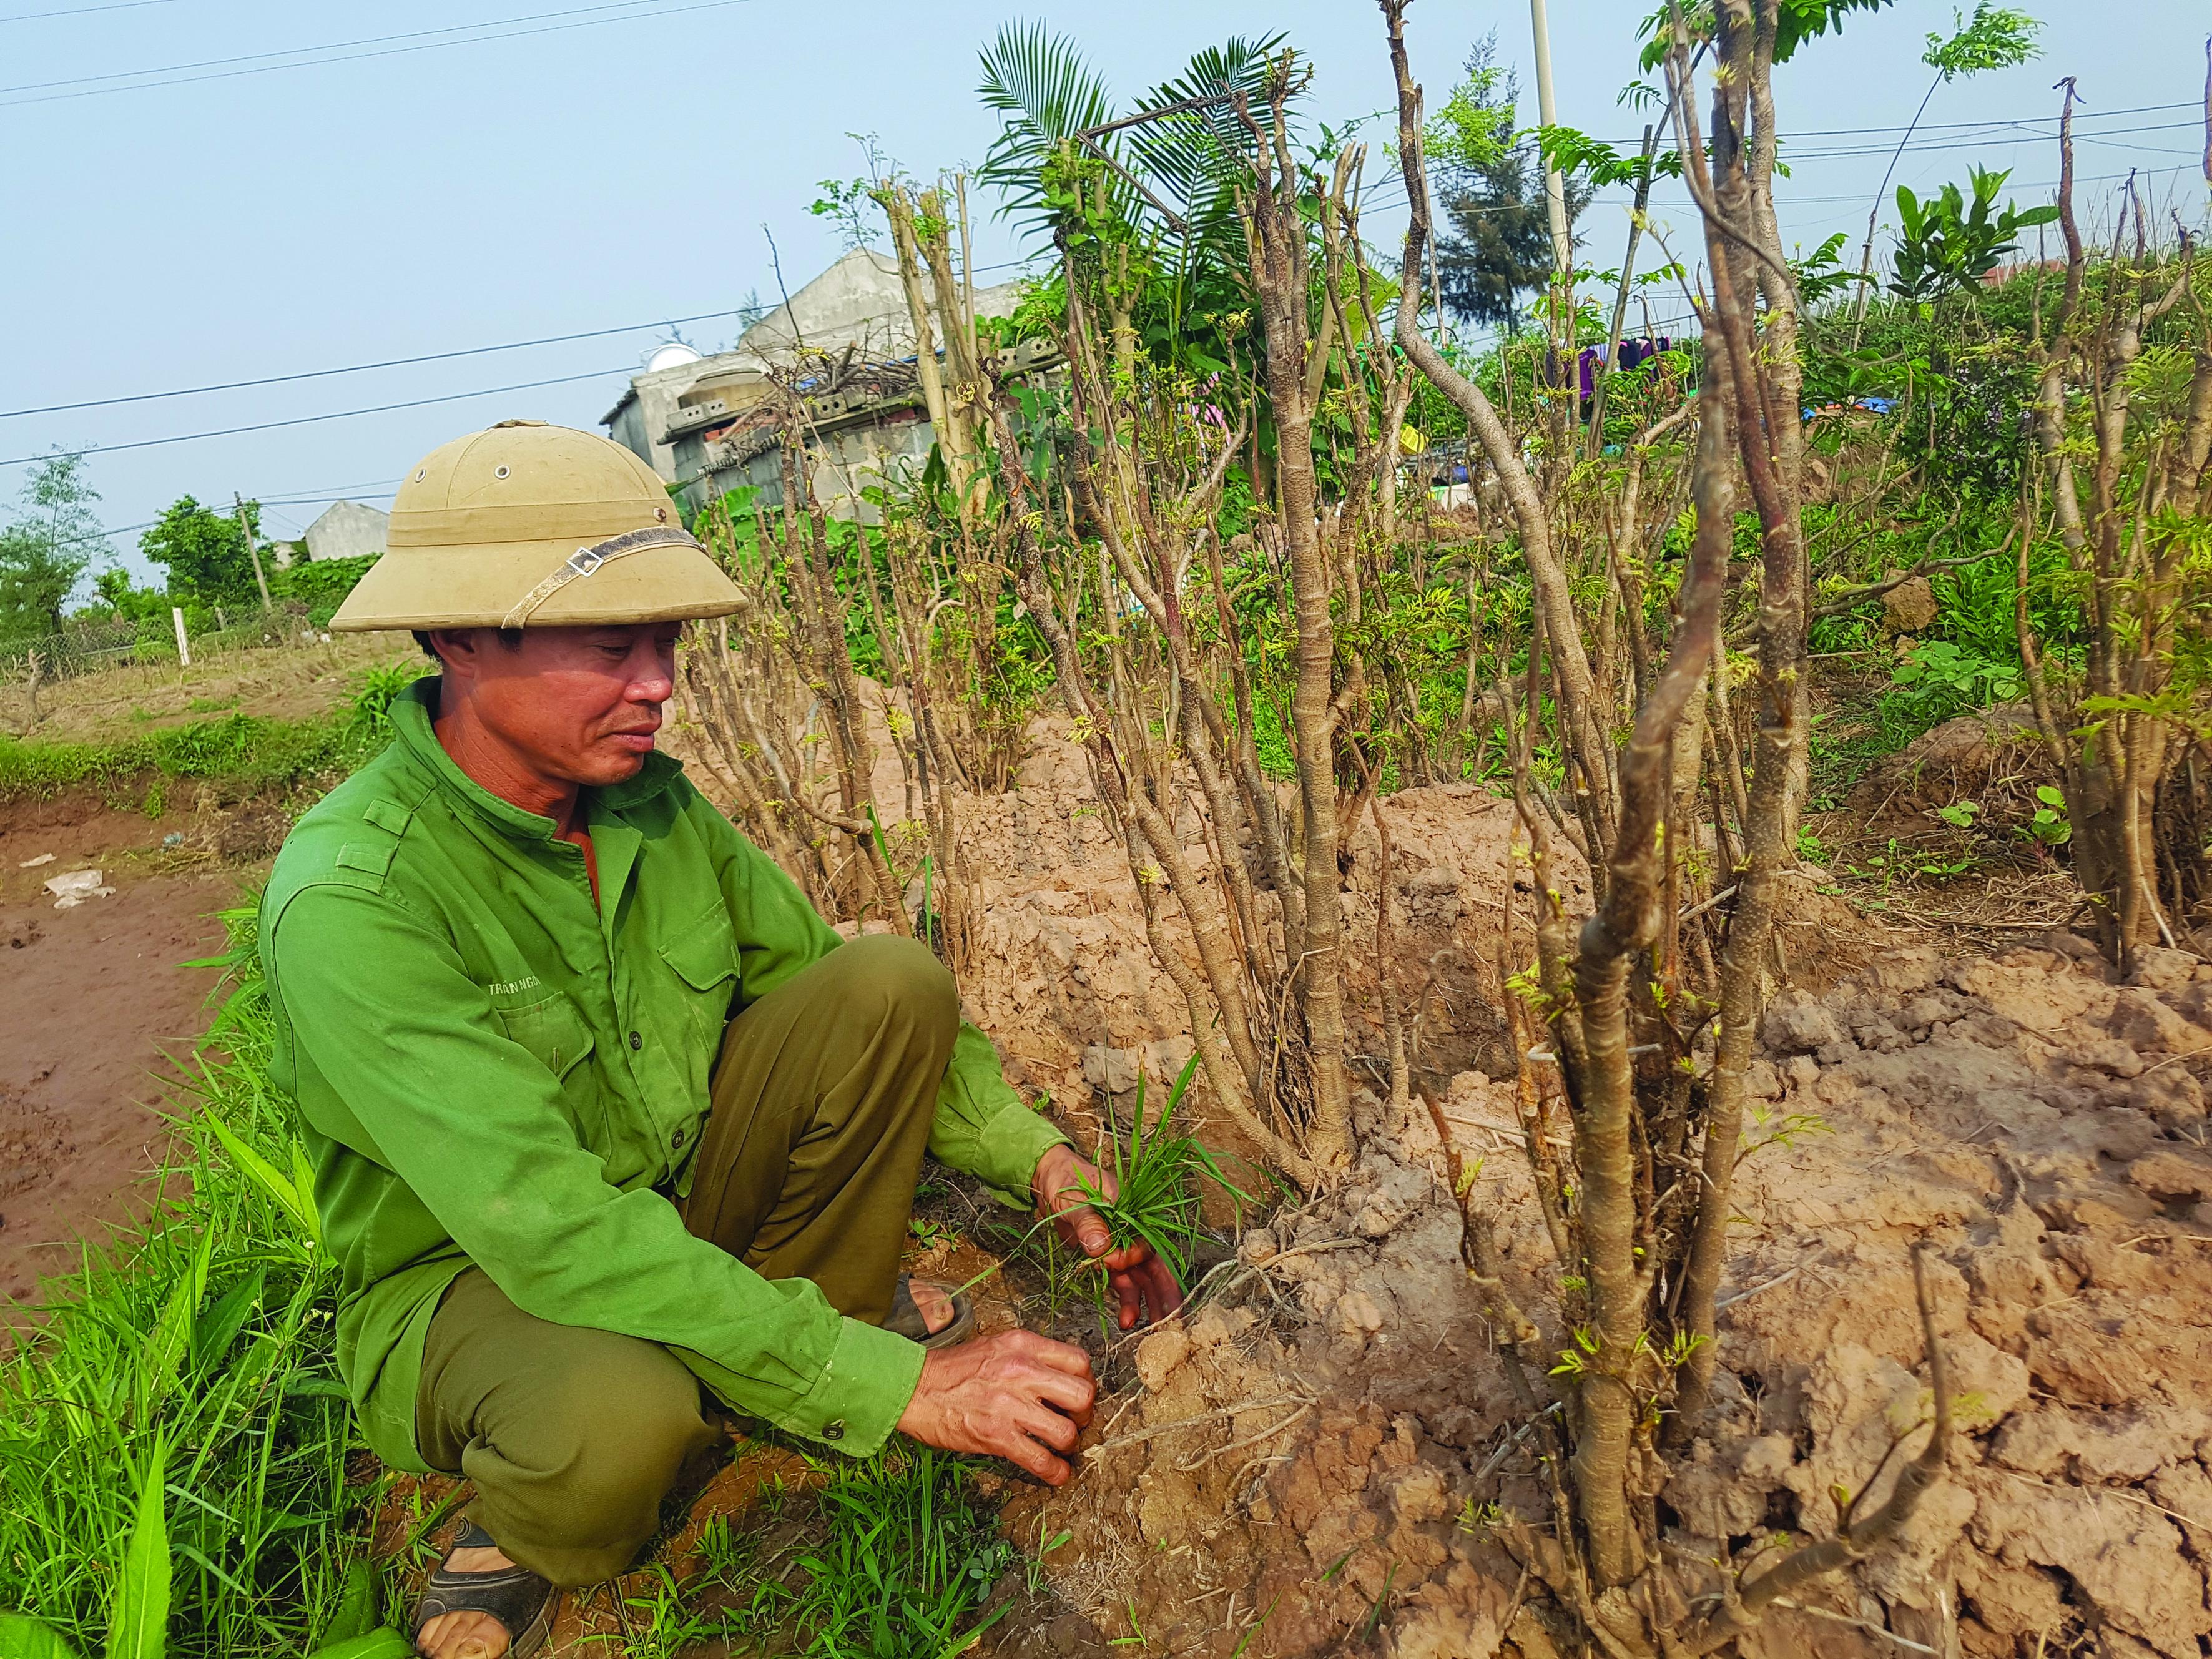 Nhờ được vay vốn Quỹ HTND, gia đình ông Vũ Ngọc Quý, thôn Quần Phương, xã Nghĩa Bình, huyện Nghĩa Hưng (Nam Định) đã phát triển mô hình trồng đinh lăng.